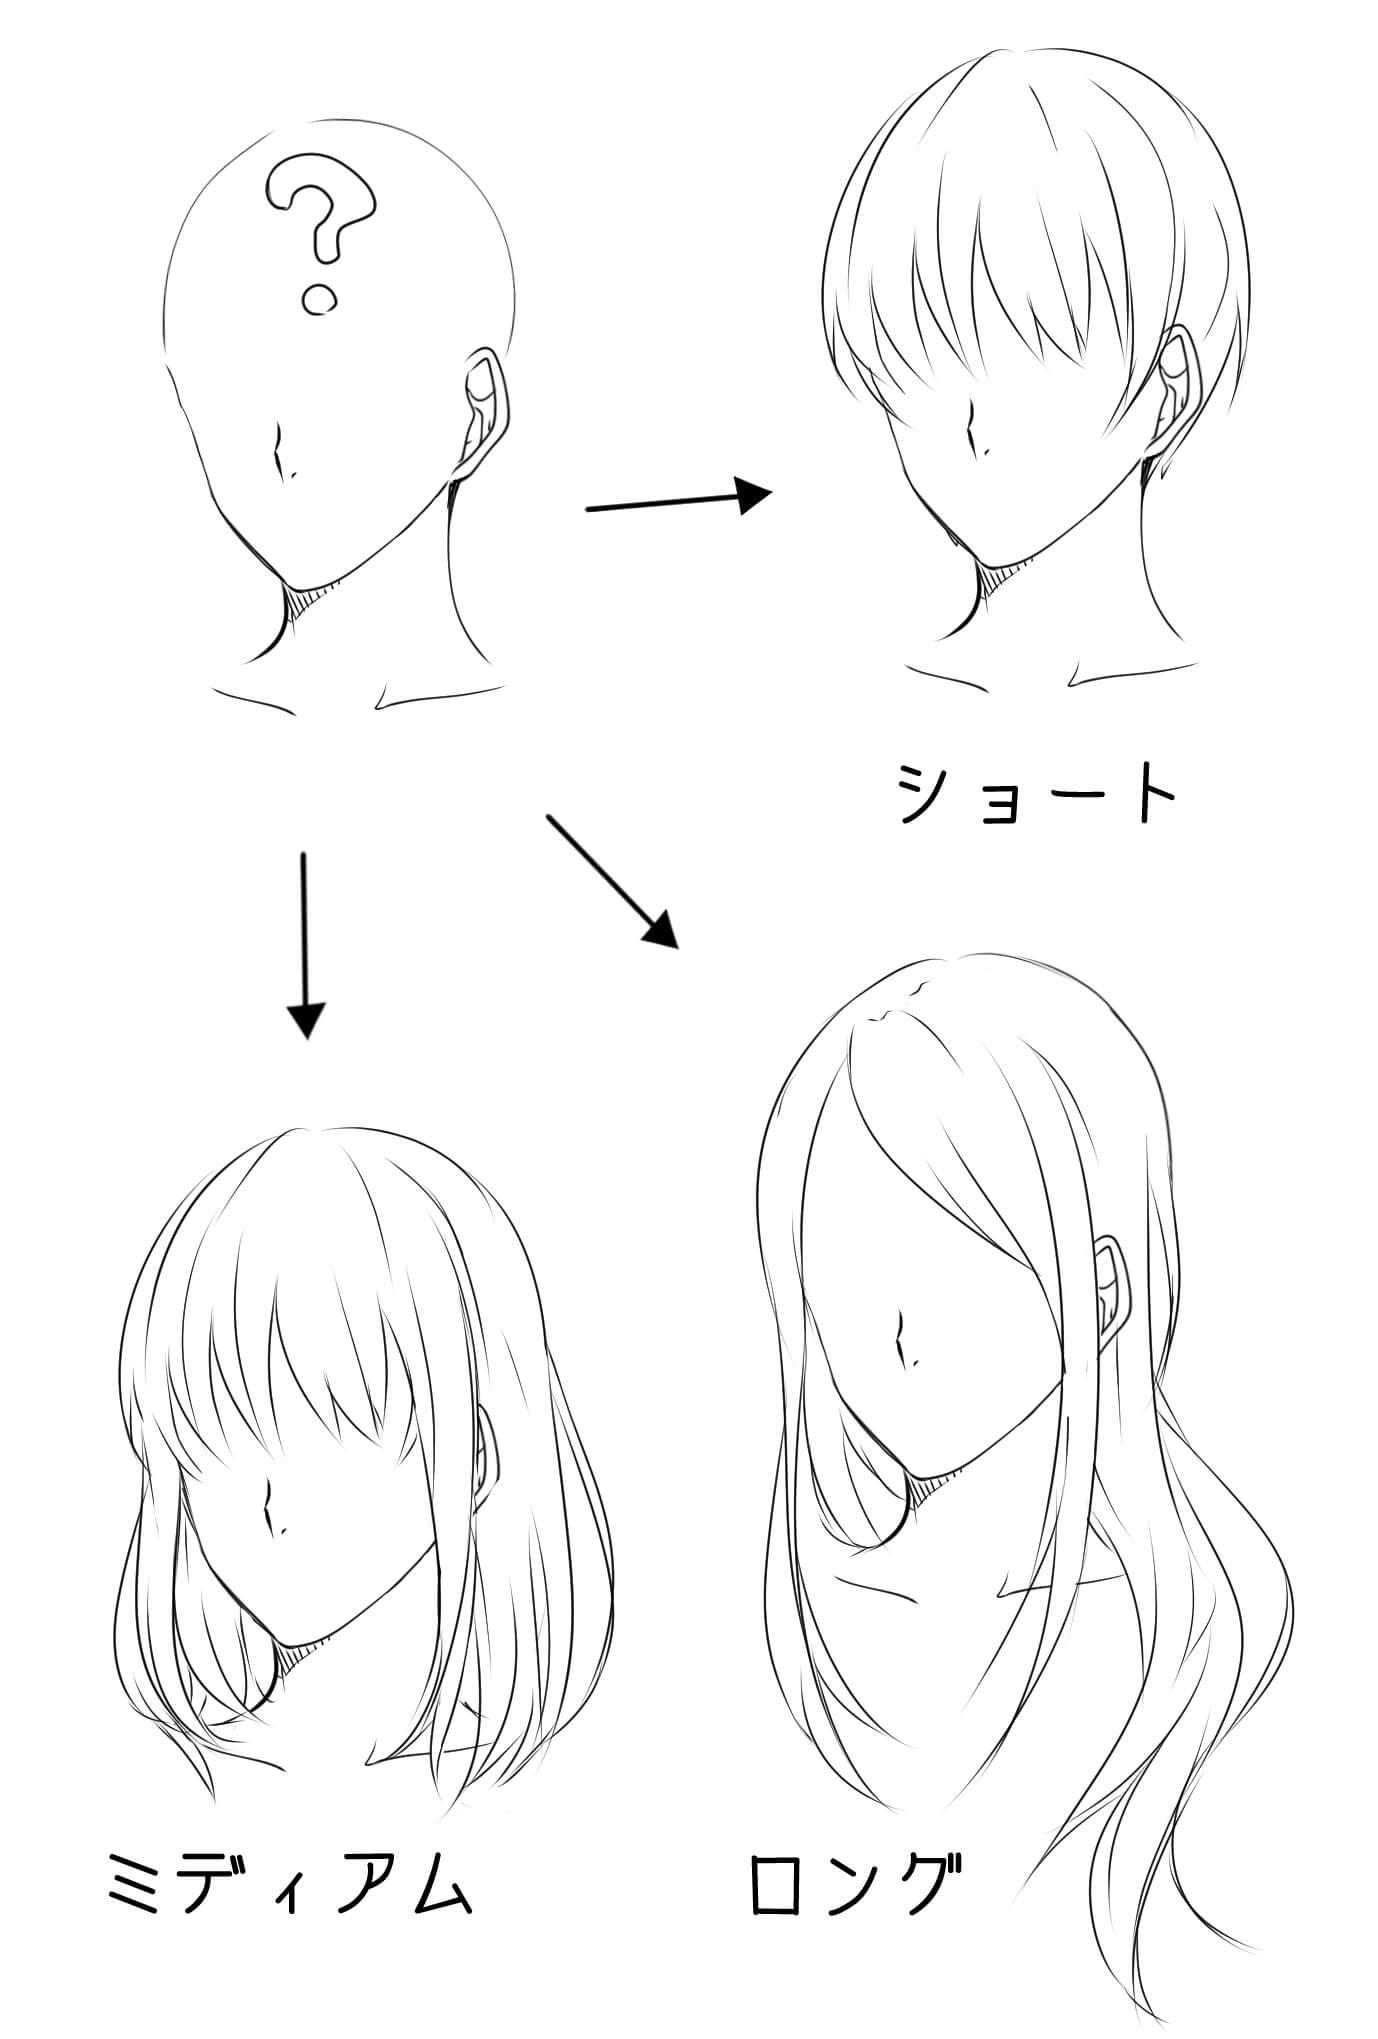 髪型の描き分けのコツを特集! 色に頼らず上手くなろう! | crepo(クリポ